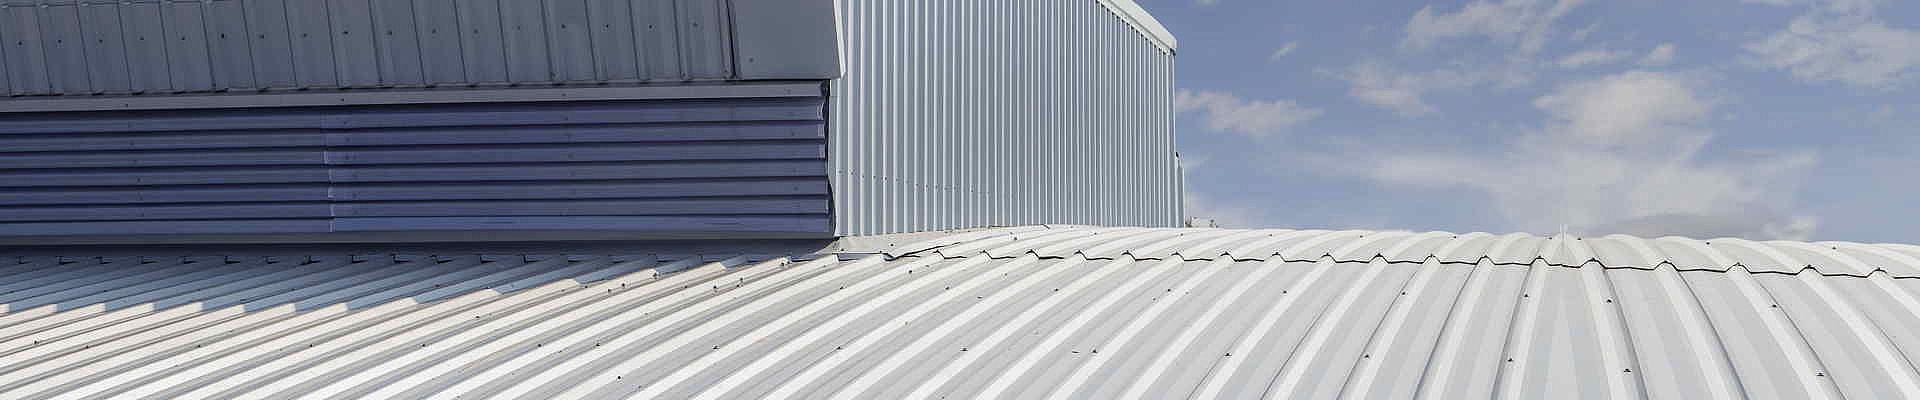 Metalldach oder Stahltrapezdach sind hervorragende Lösungen für große Dachflächen.